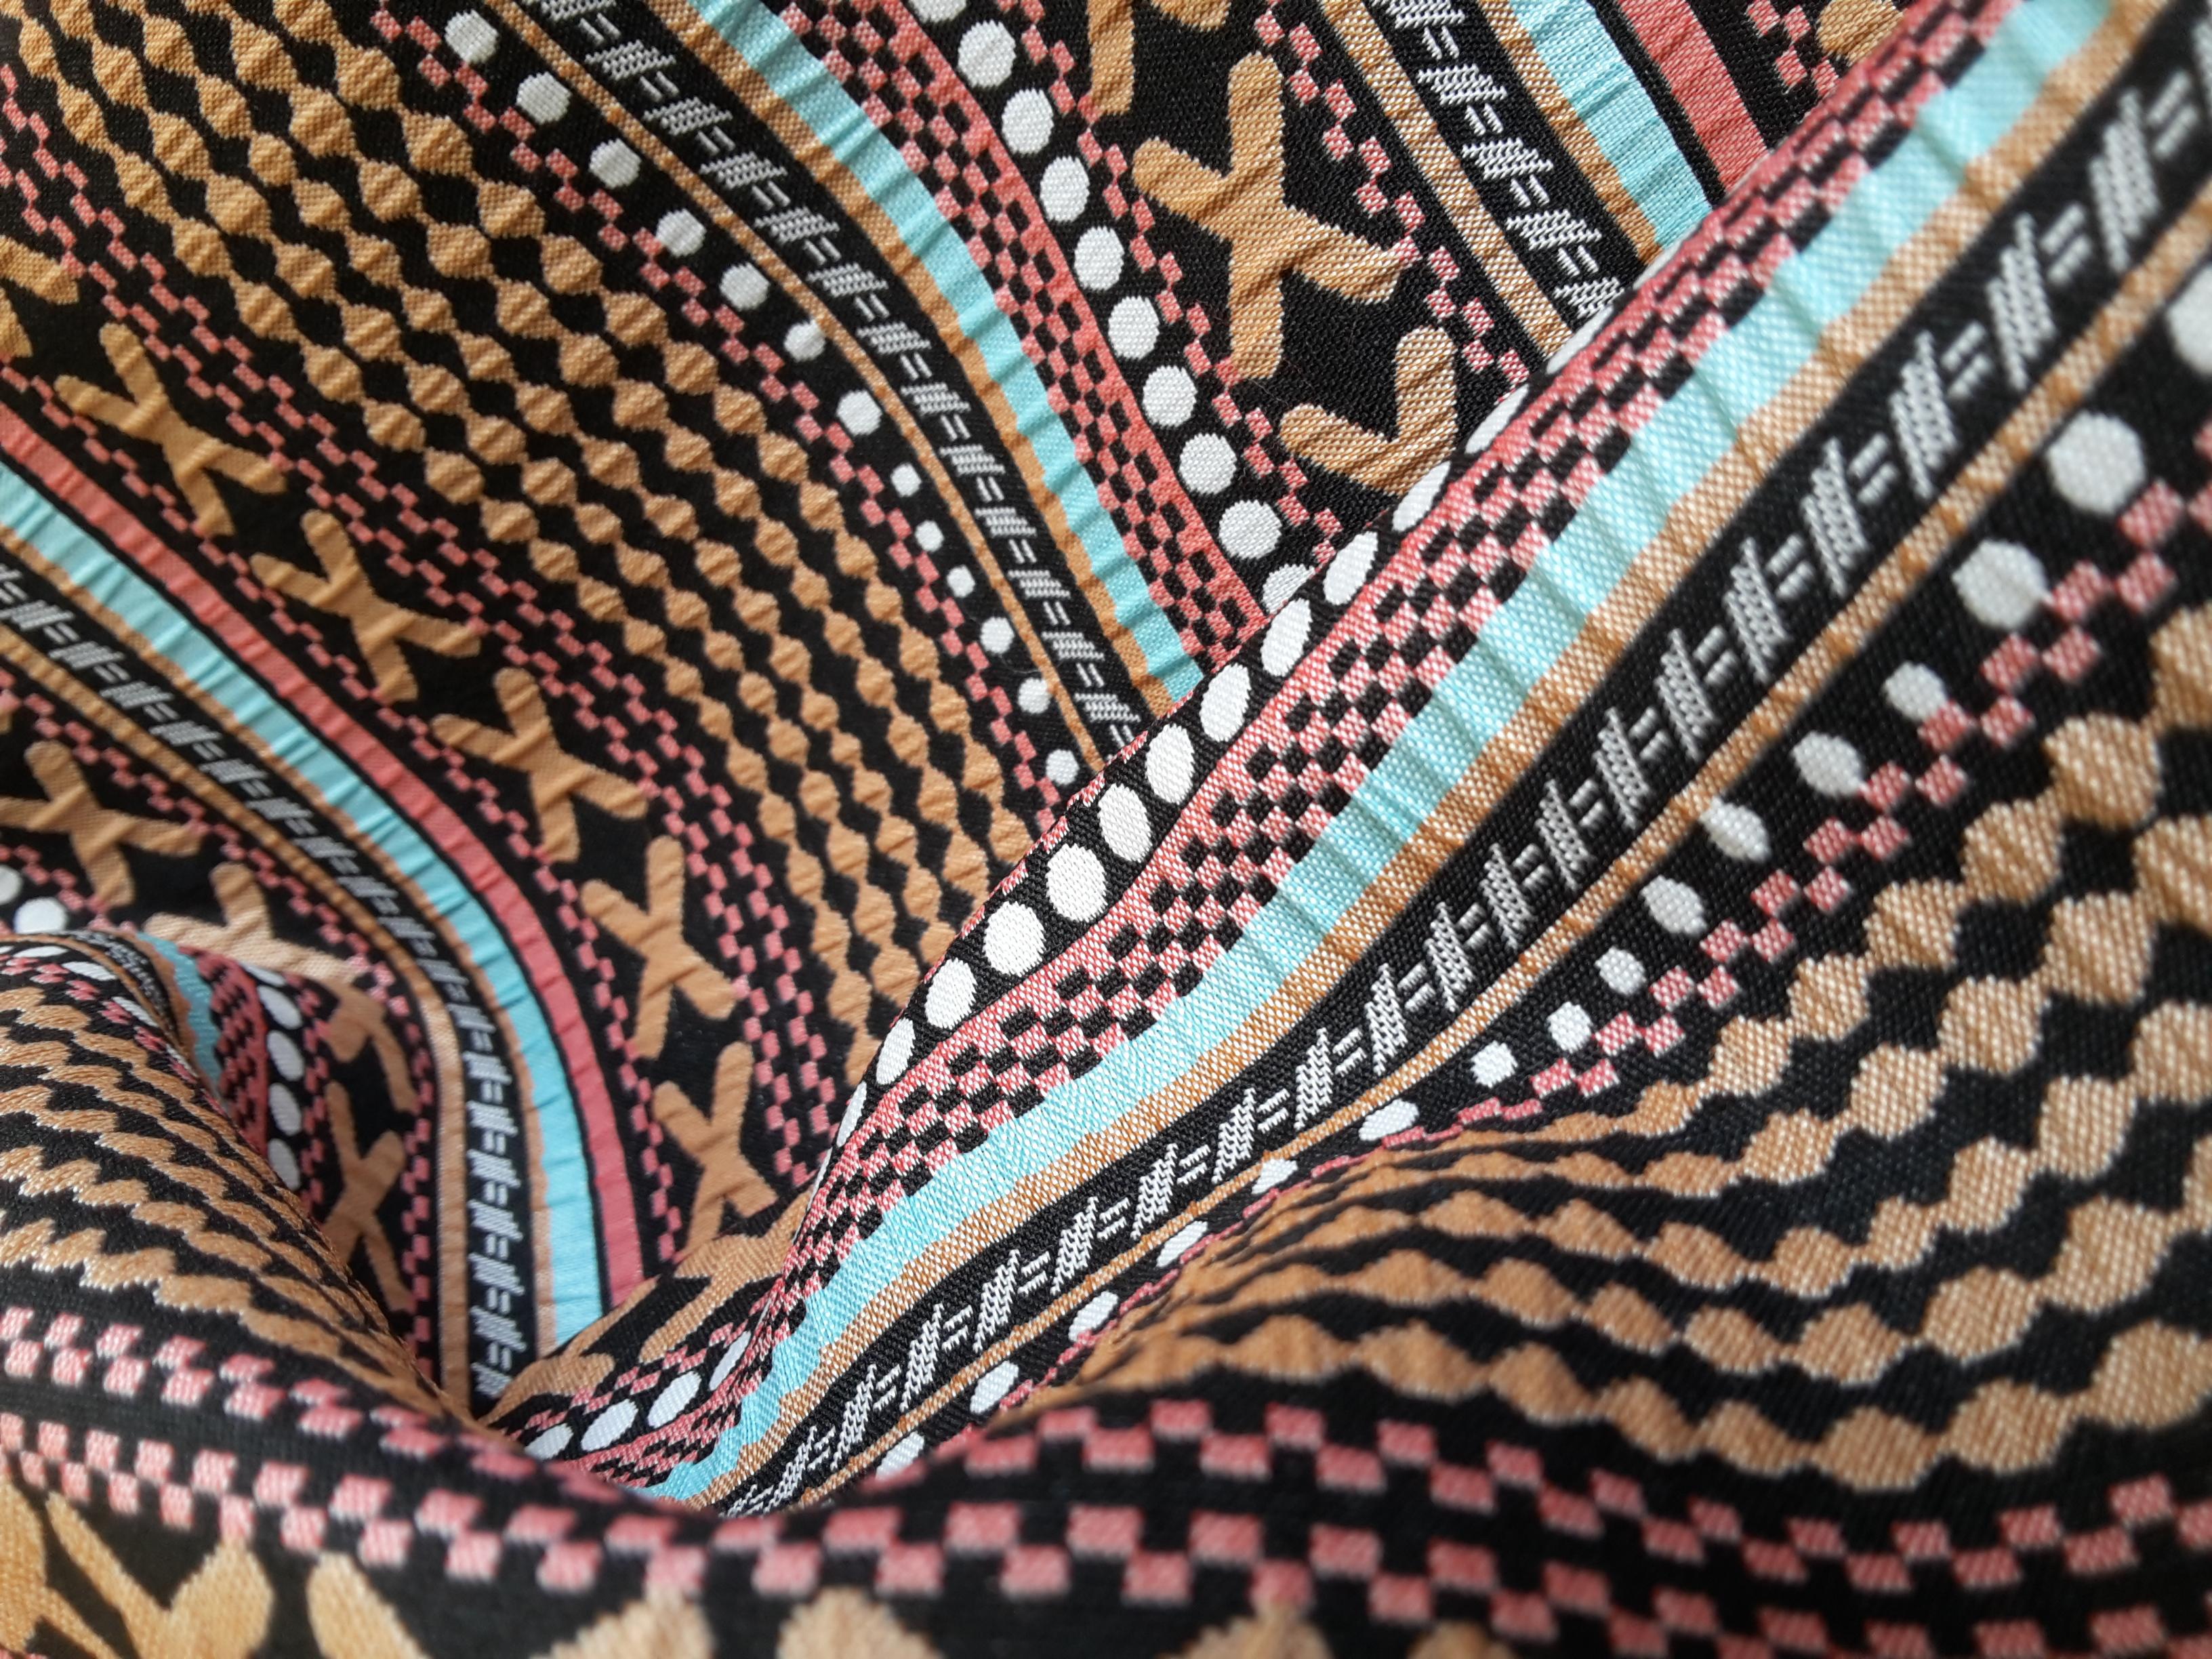 yarn-dyed jacquard with ethnics